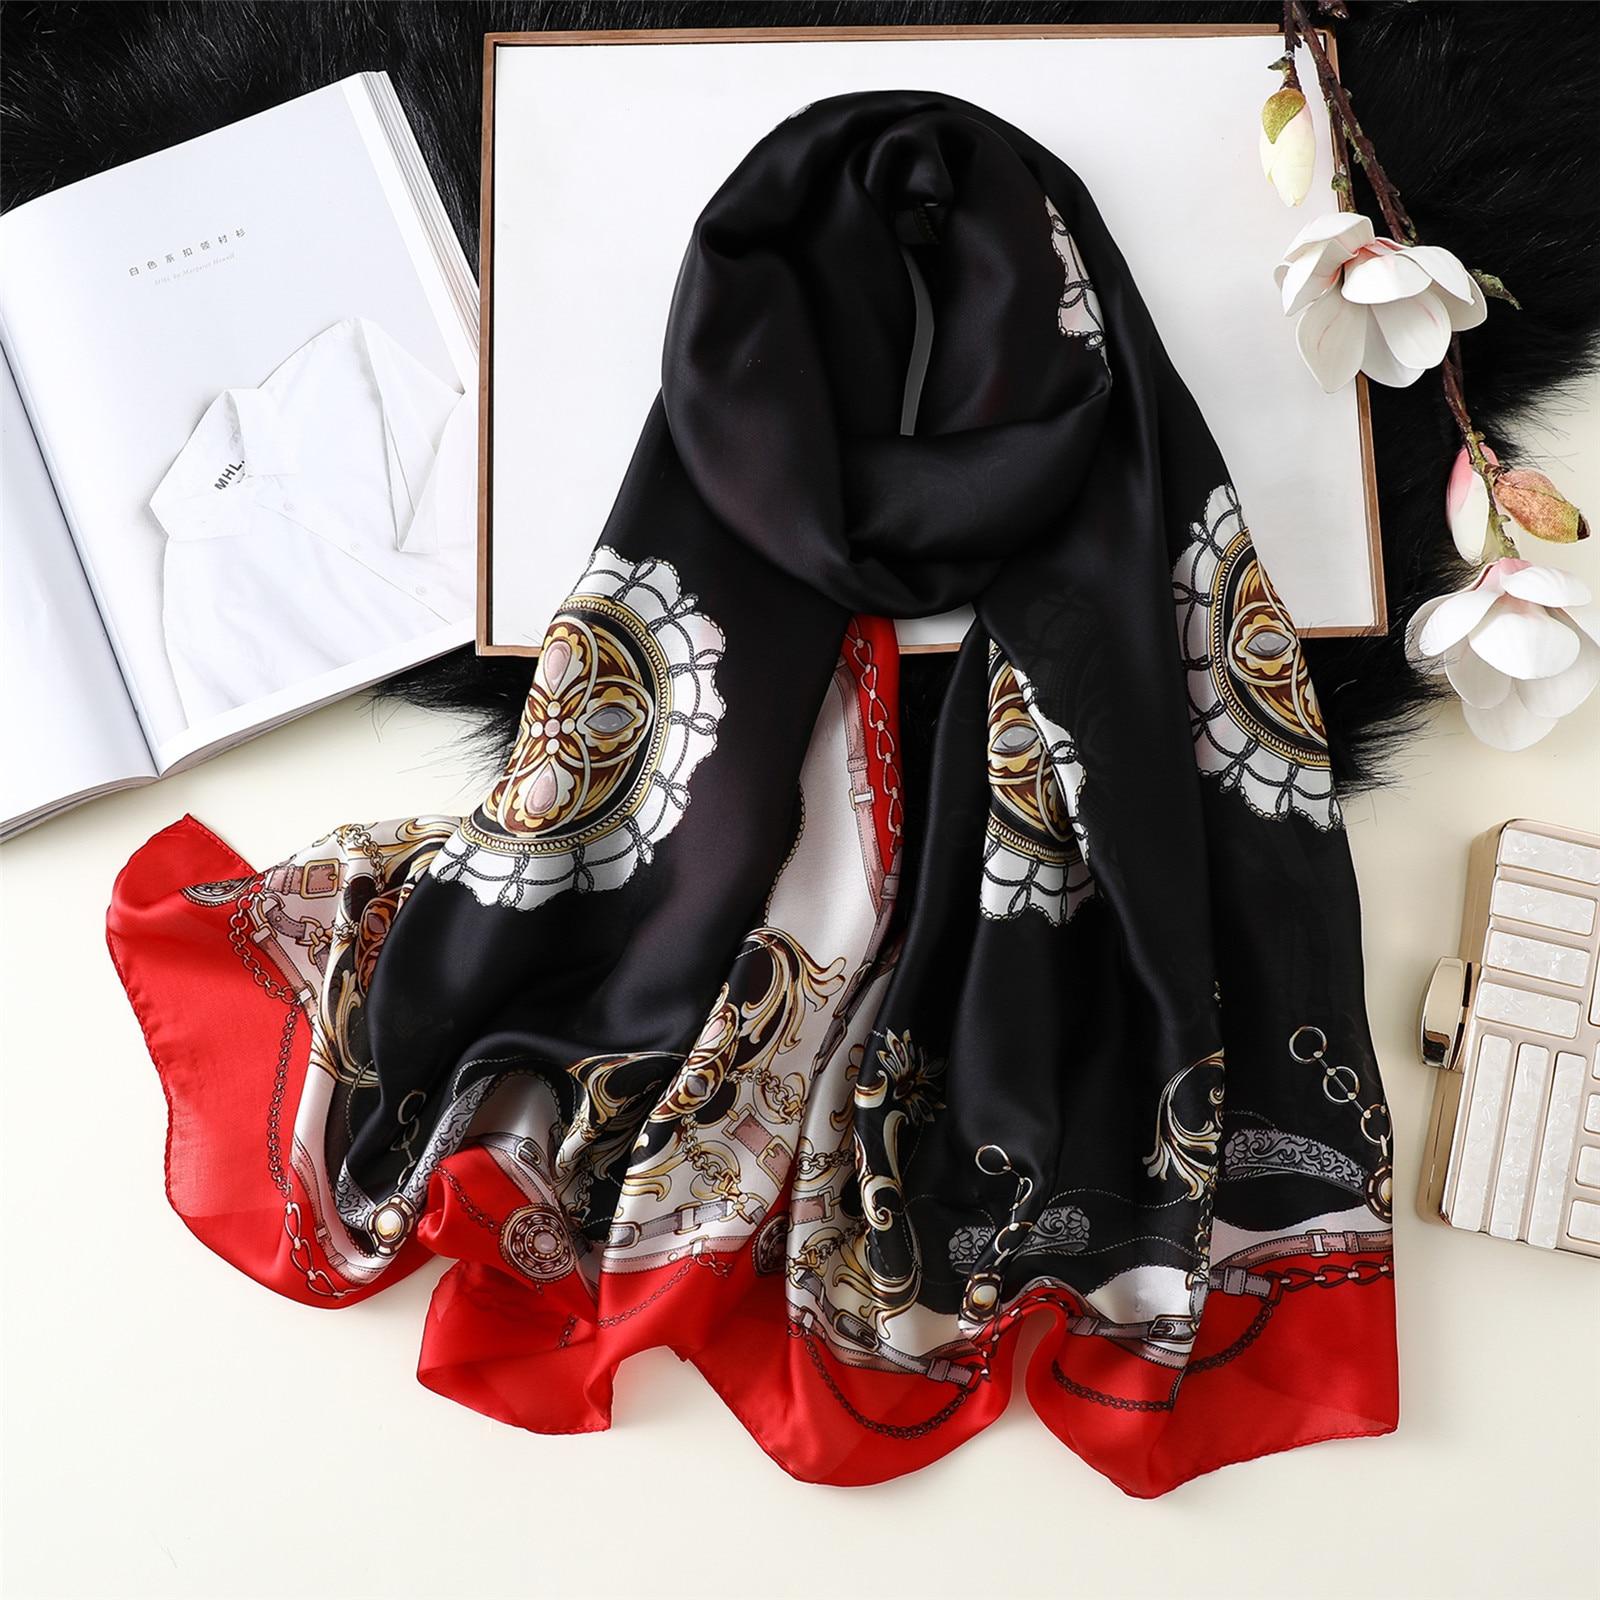 2019 Luxury Silk   Scarf   Women Print Female Foulard Hijab Scarfs Summer Lady Shawl Beach Cover - ups   Scarves     Wraps   Neck Headband